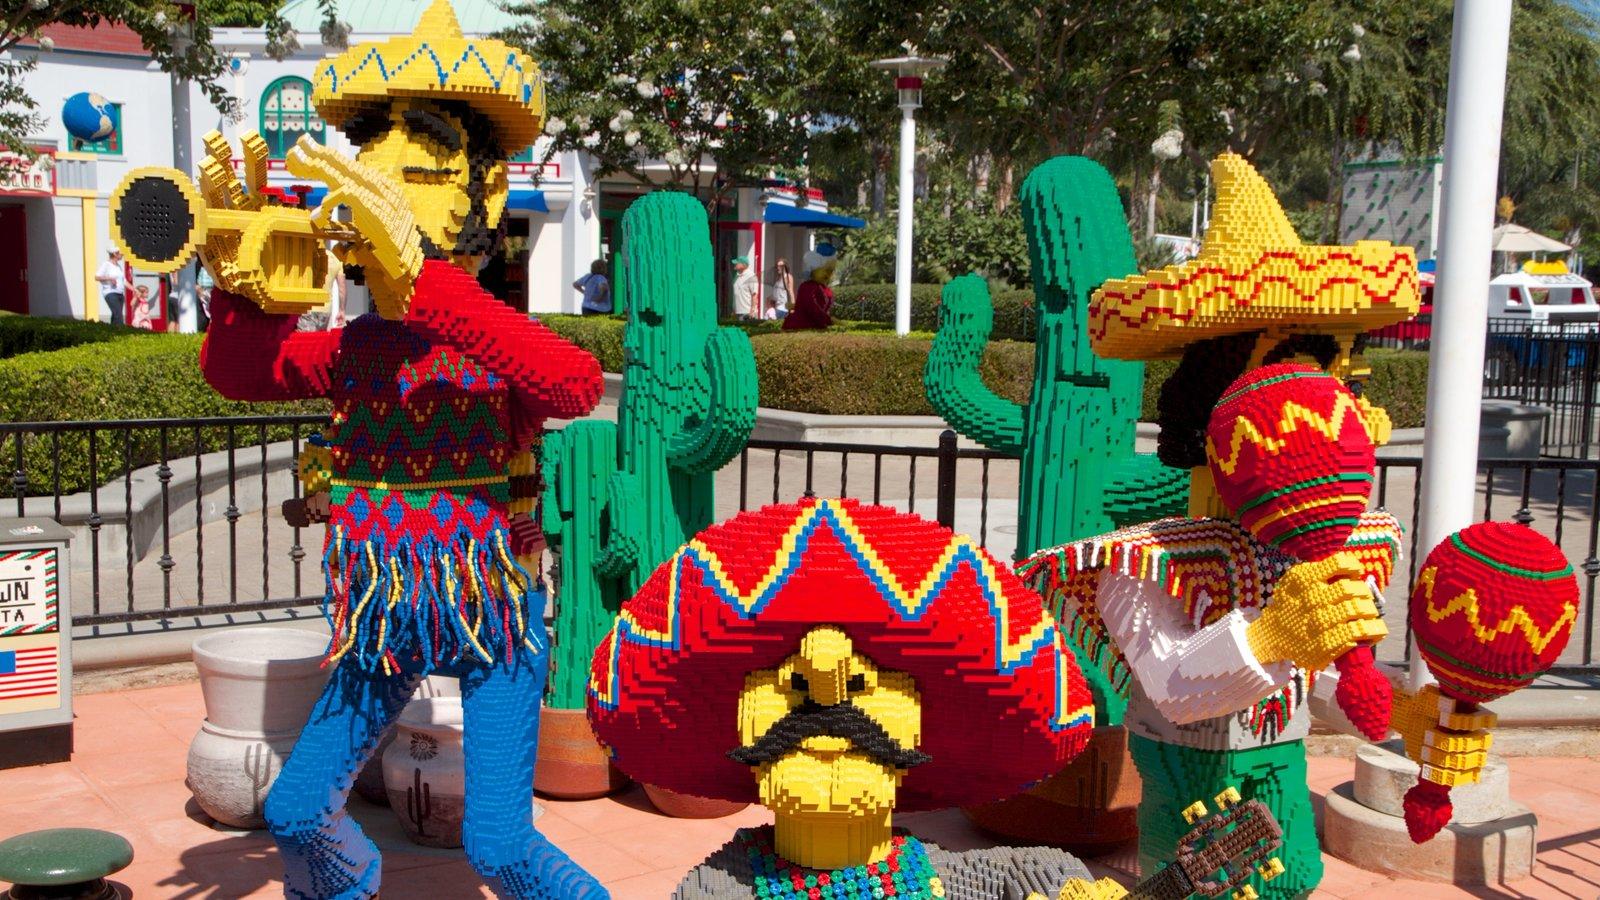 Fotos De Parque Tem 225 Tico Legoland California Ver Fotos E